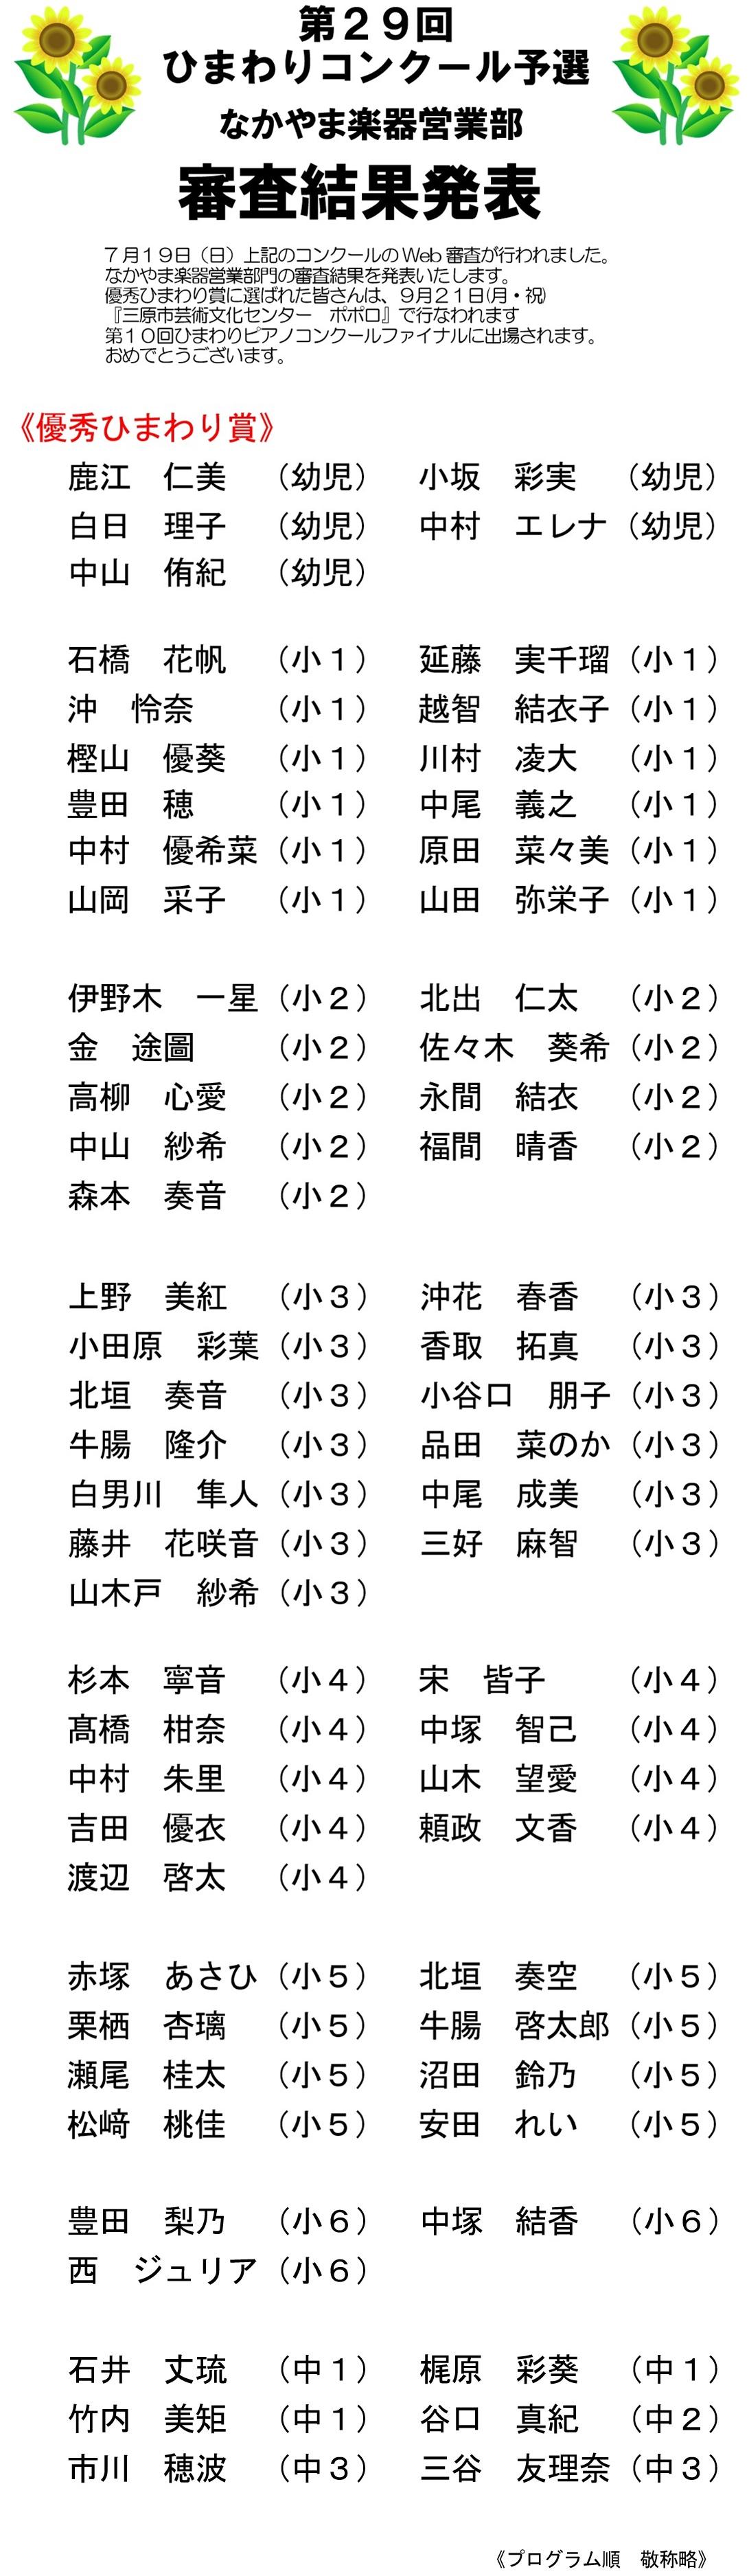 20200723himawari_nakayama